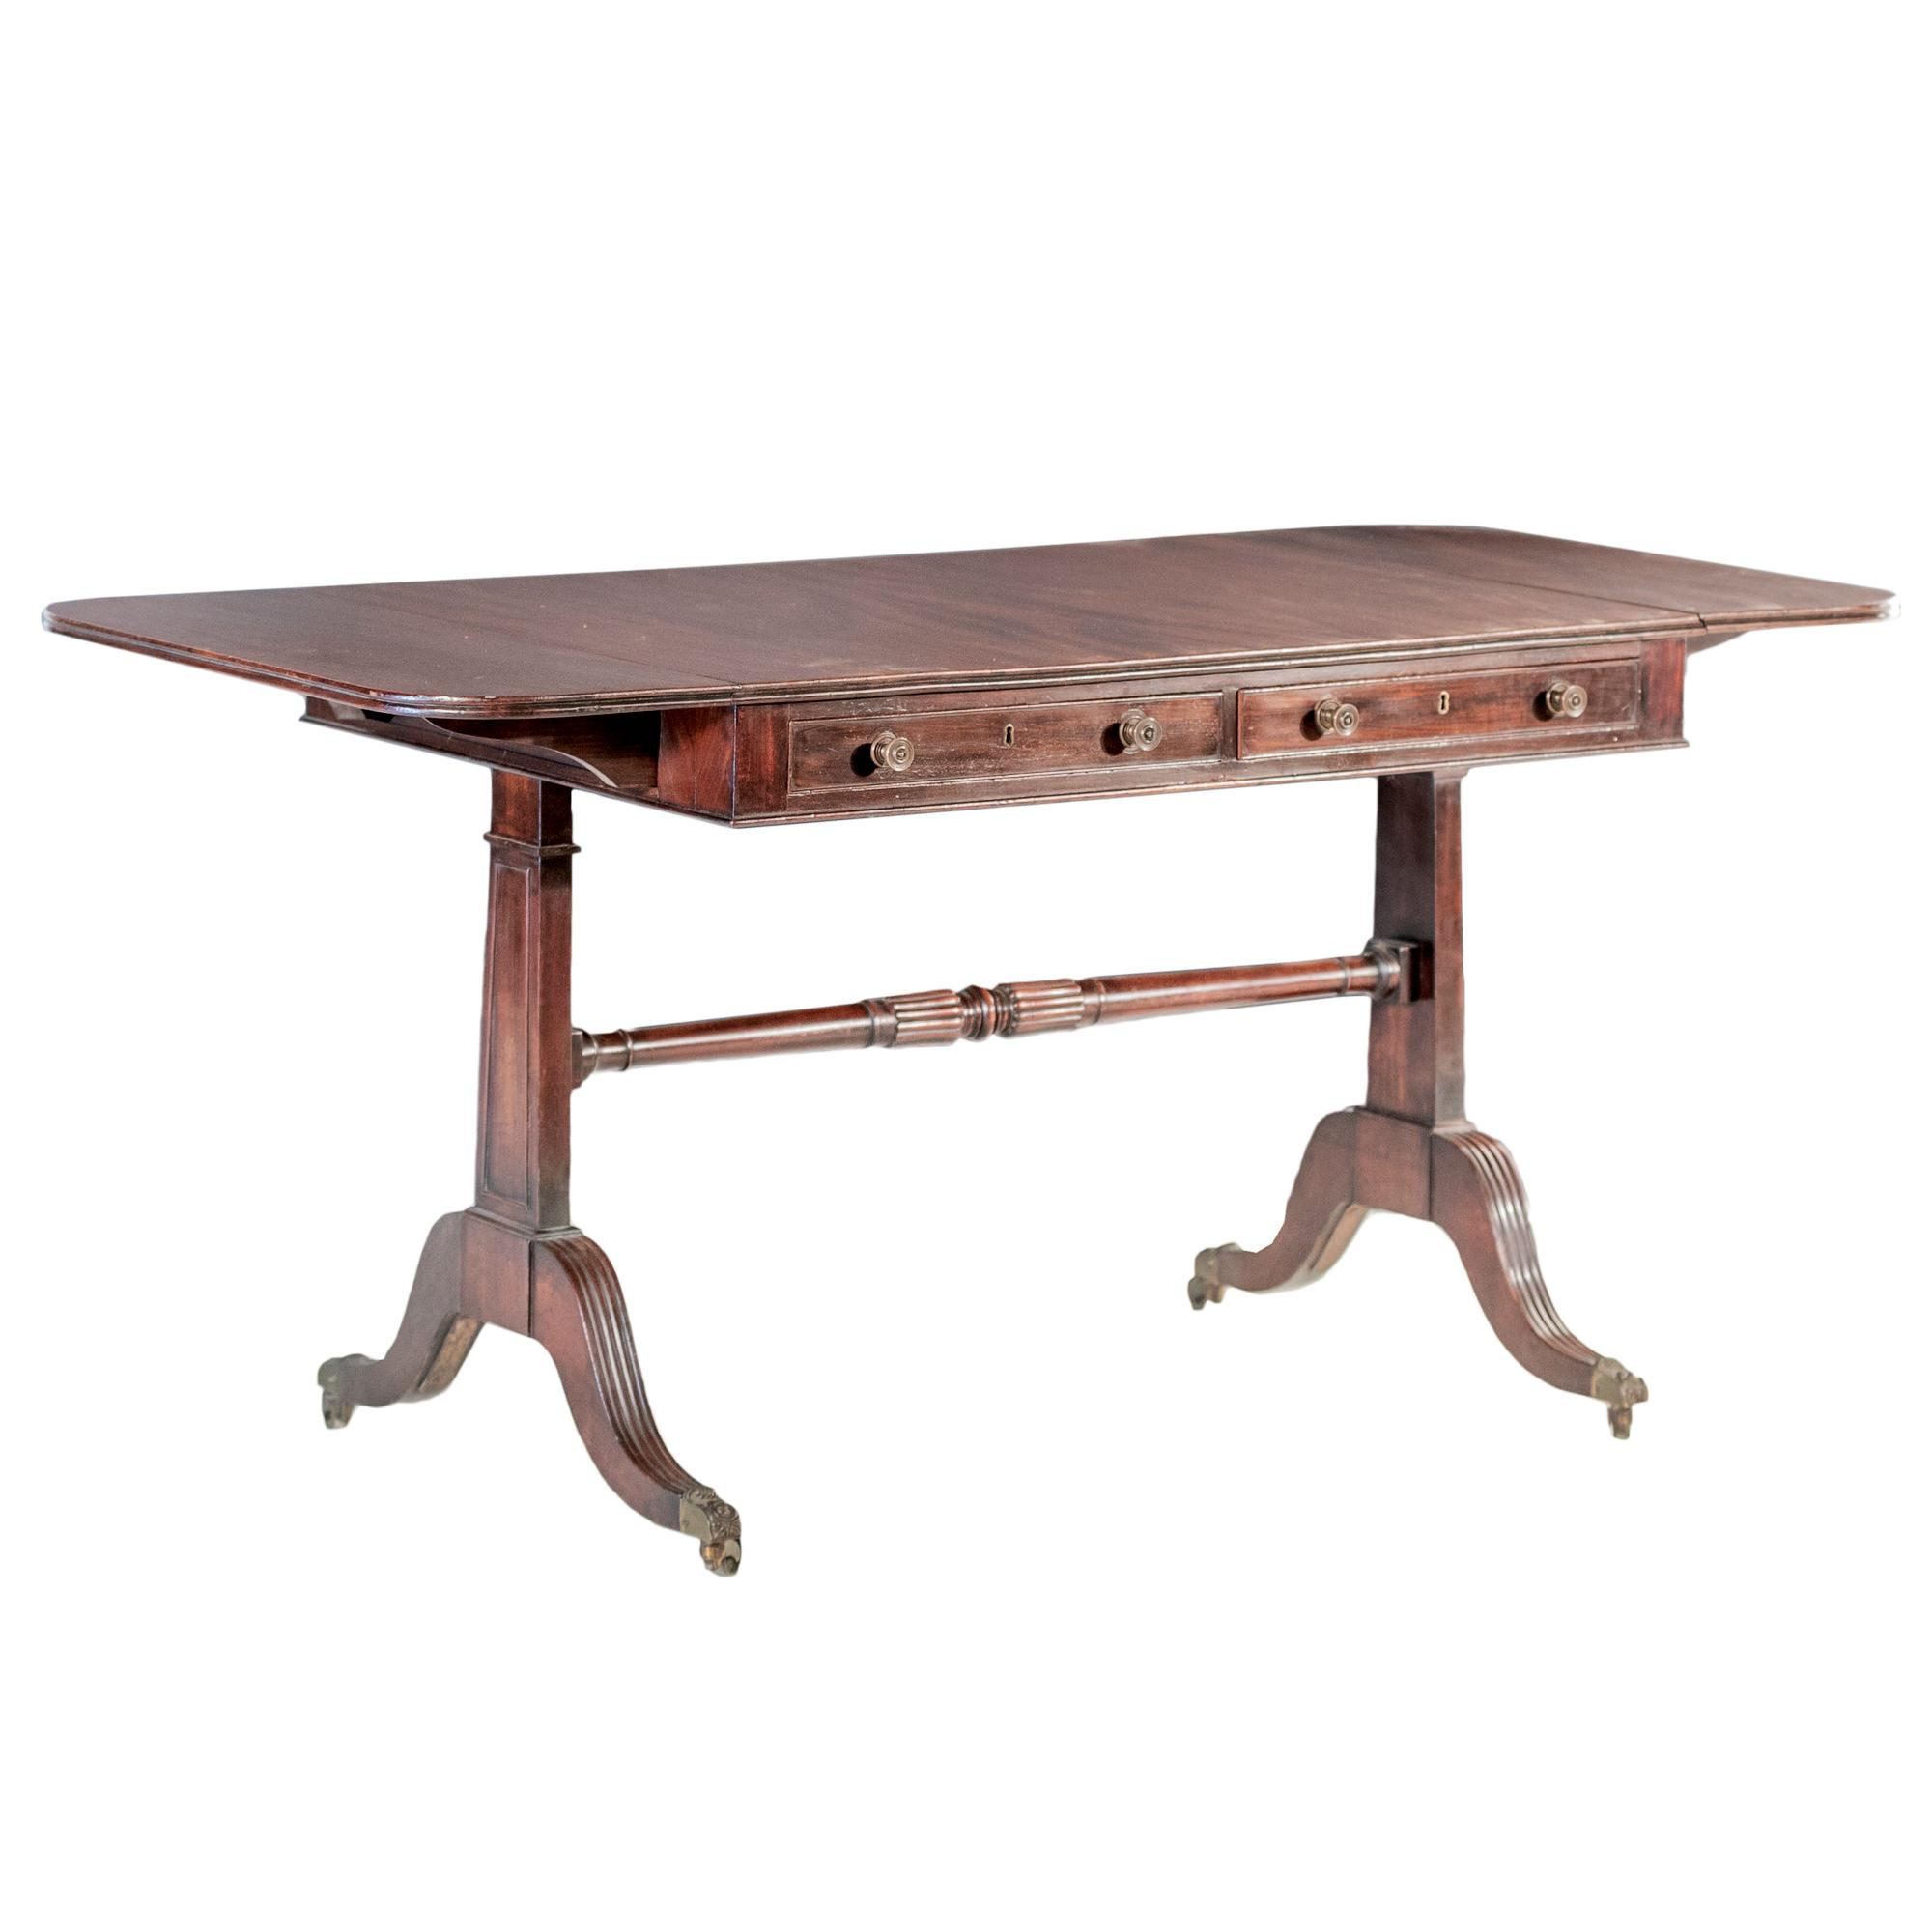 'Regency Style Mahogany Sofa Table Late 19th Century'